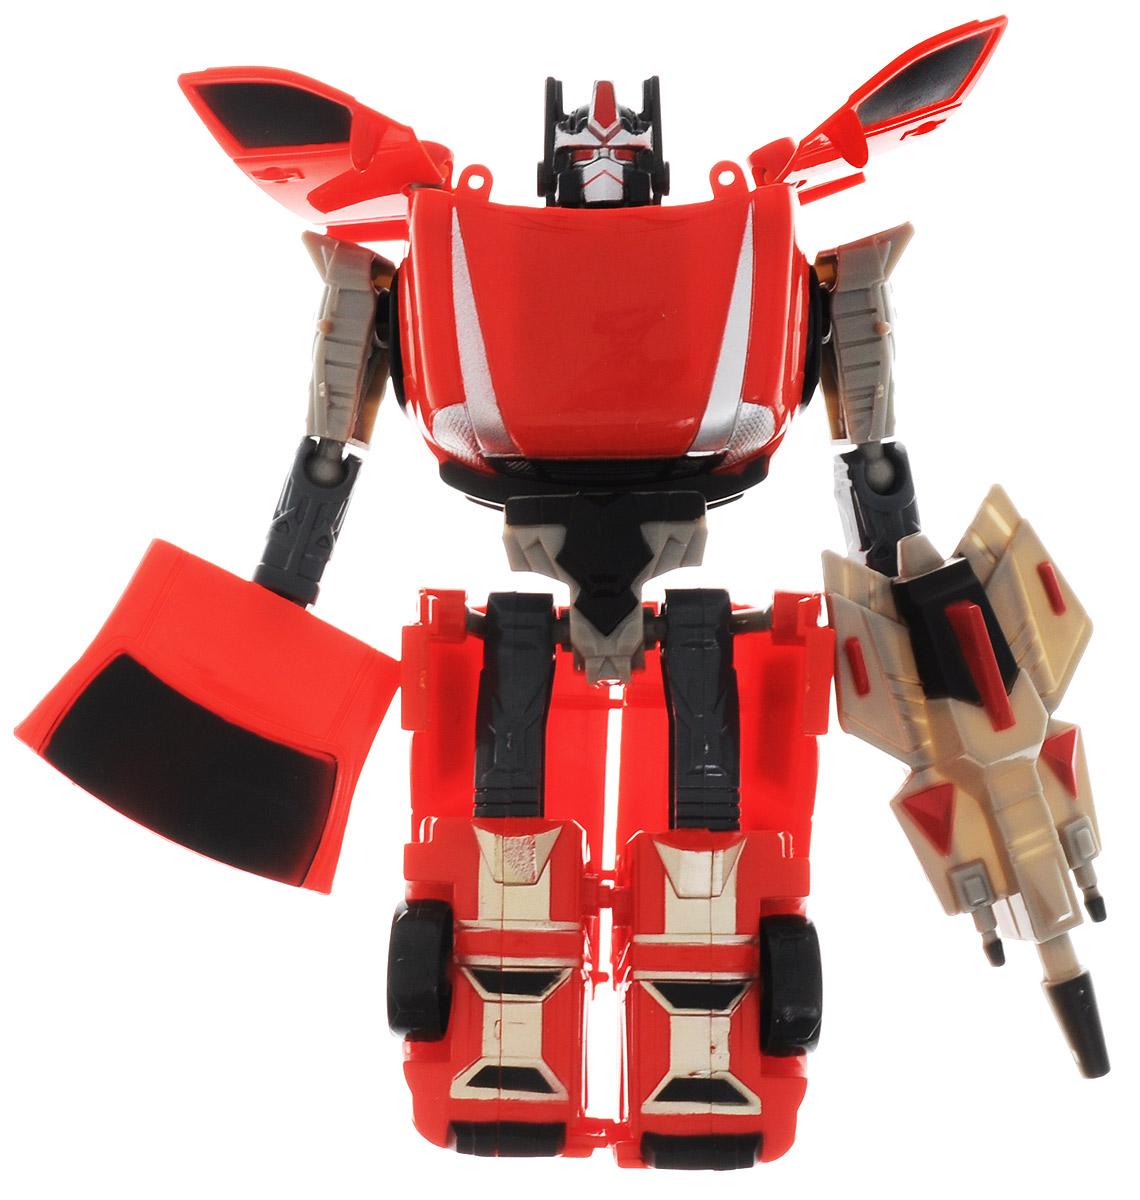 Able Star Робот-трансформер Inter Change10791_красный, серыйРобот-трансформер Able Star Inter Change может всего за несколько движений превратиться в легковой автомобиль, ни чем не выдающий свое внутреннее содержимое. У такого робота сгибаются в суставах руки и ноги, благодаря чему он может принимать различные позы во время сражений. Каждый такой робот-трансформер имеет свое собственное вооружение в виде пусковой ракетной установки, которое удерживает в одной руке, а часть элемента кузова автомобиля выполняет защитную функцию щита. Сделайте вашему ребенку такой замечательный подарок!